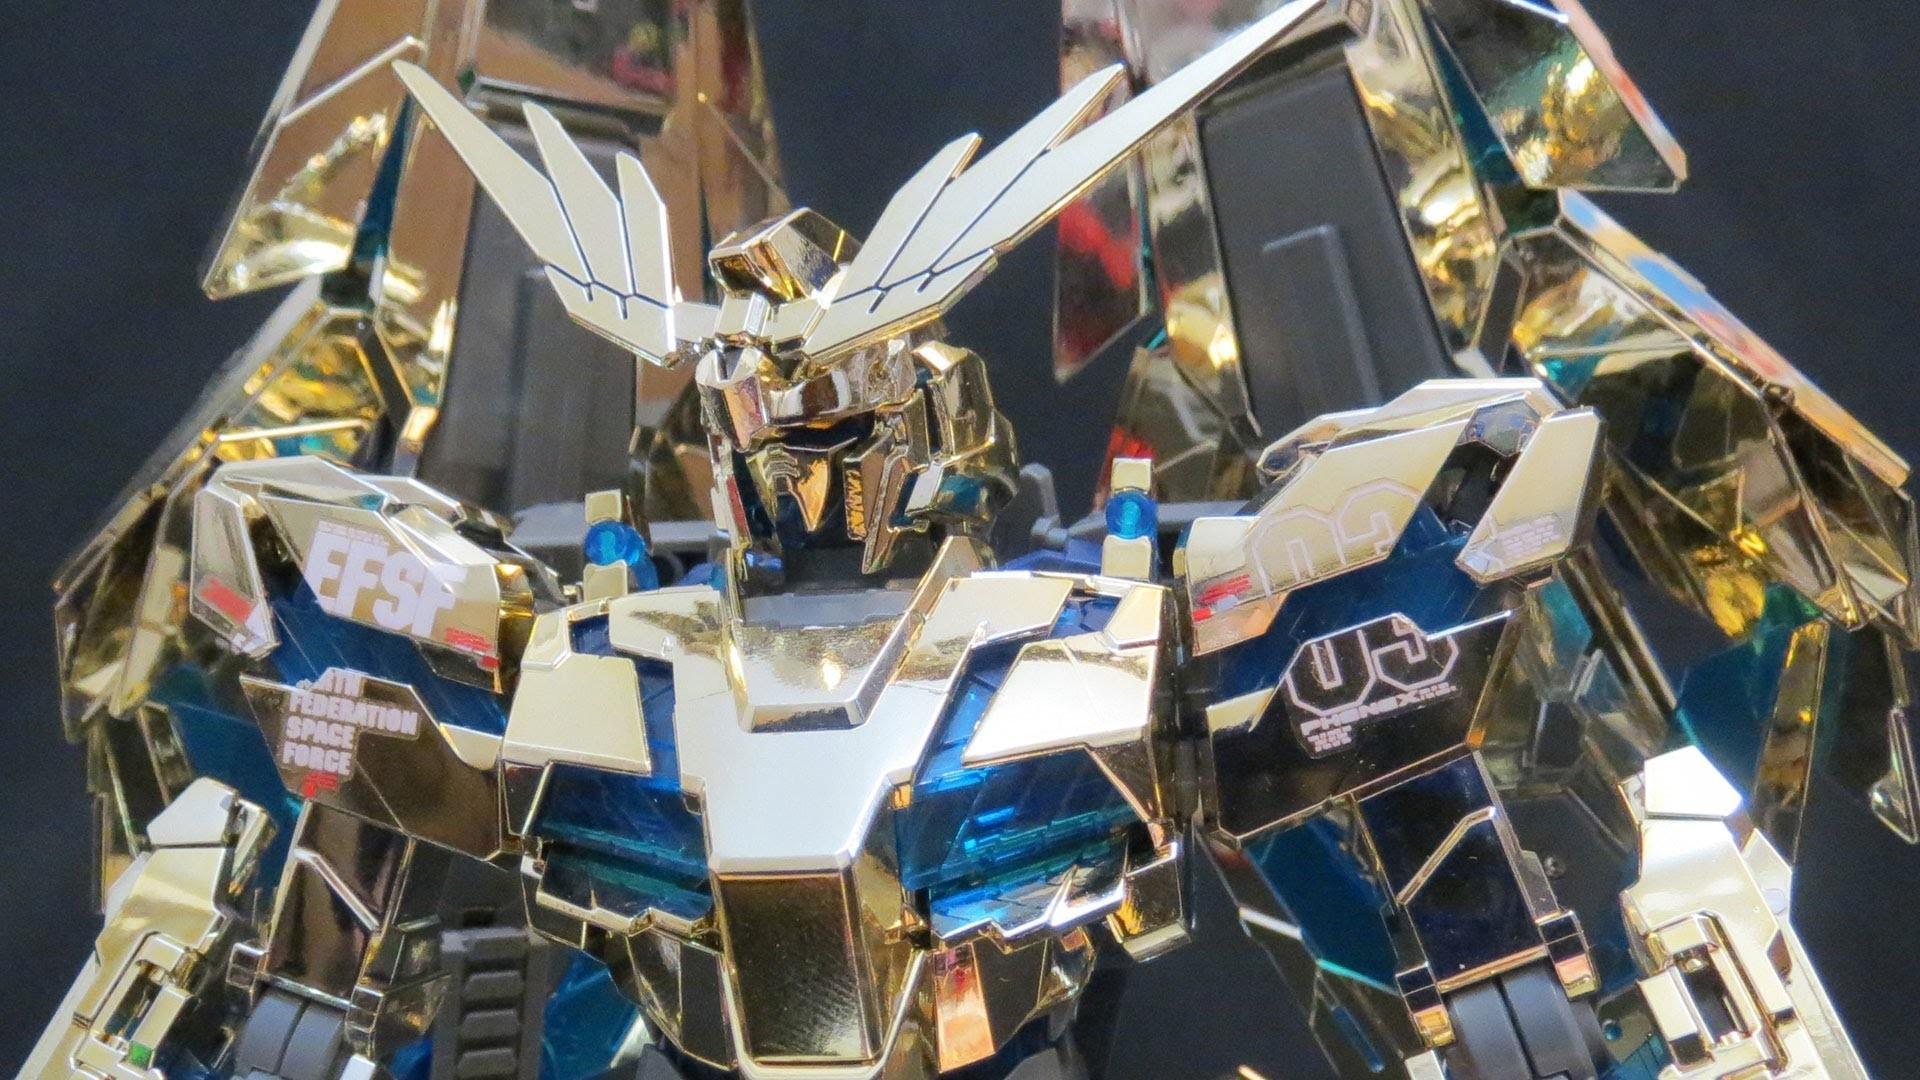 MG Phenex (2: MS&V) Gundam UC Unicorn 03 from One of Seventy-Two Gold  gunpla model review ガンプラ – YouTube